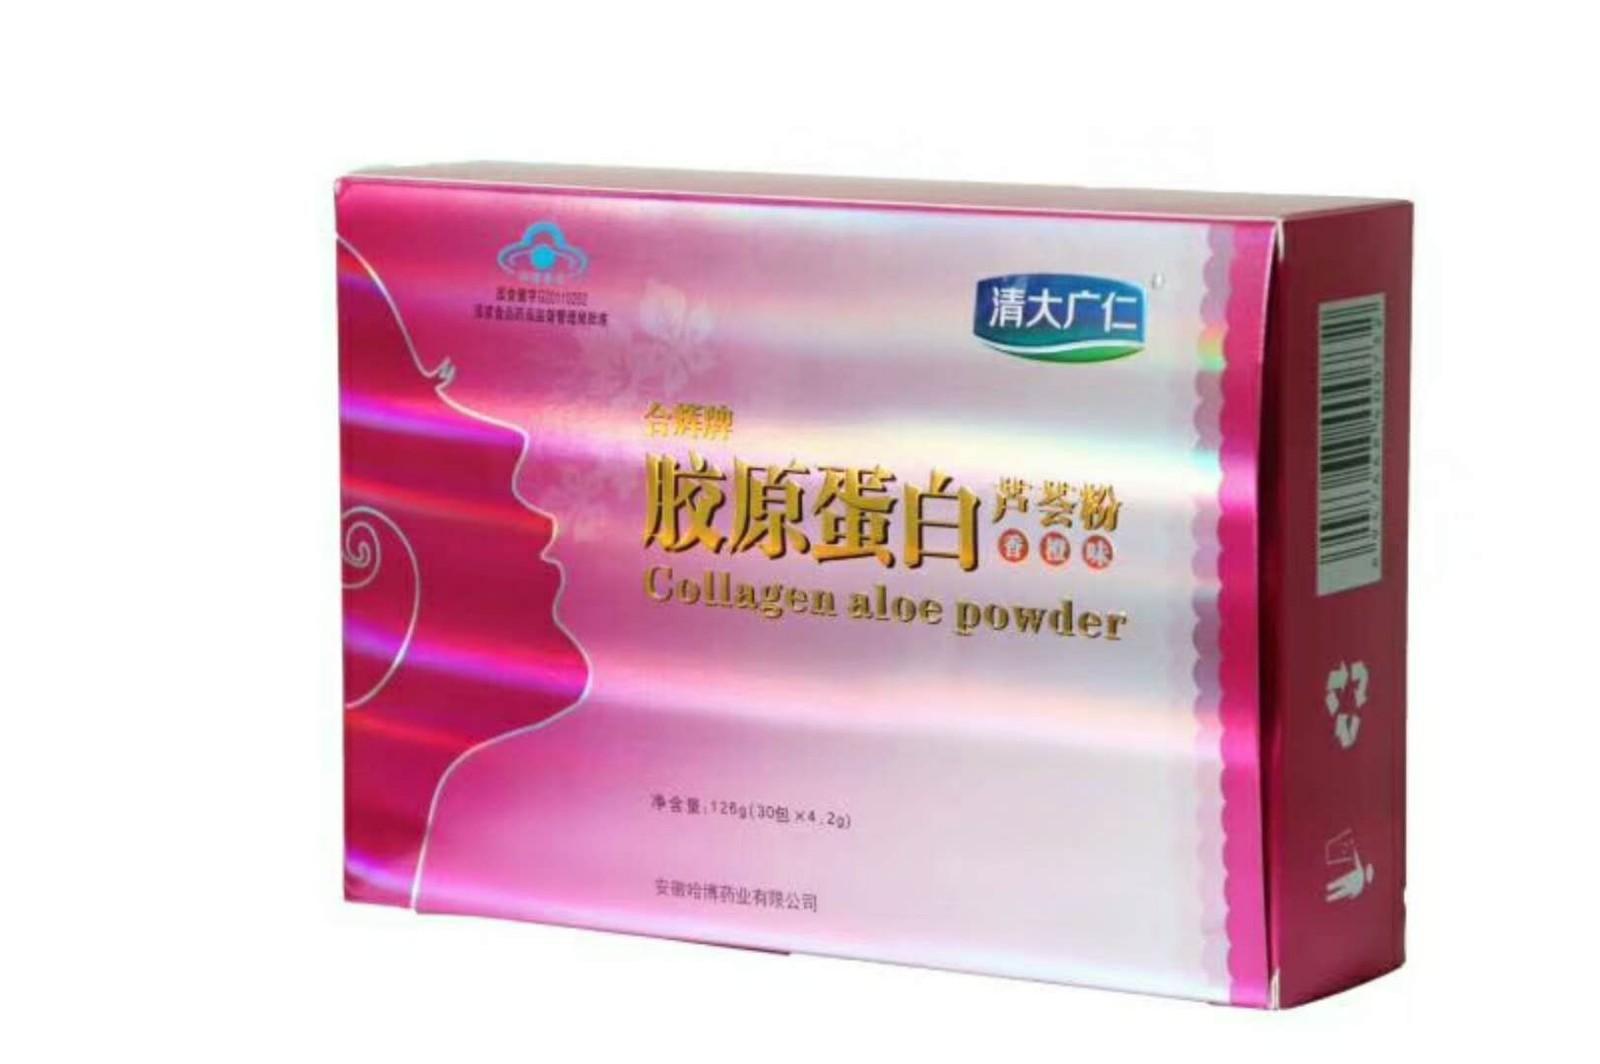 胶原蛋白芦荟粉